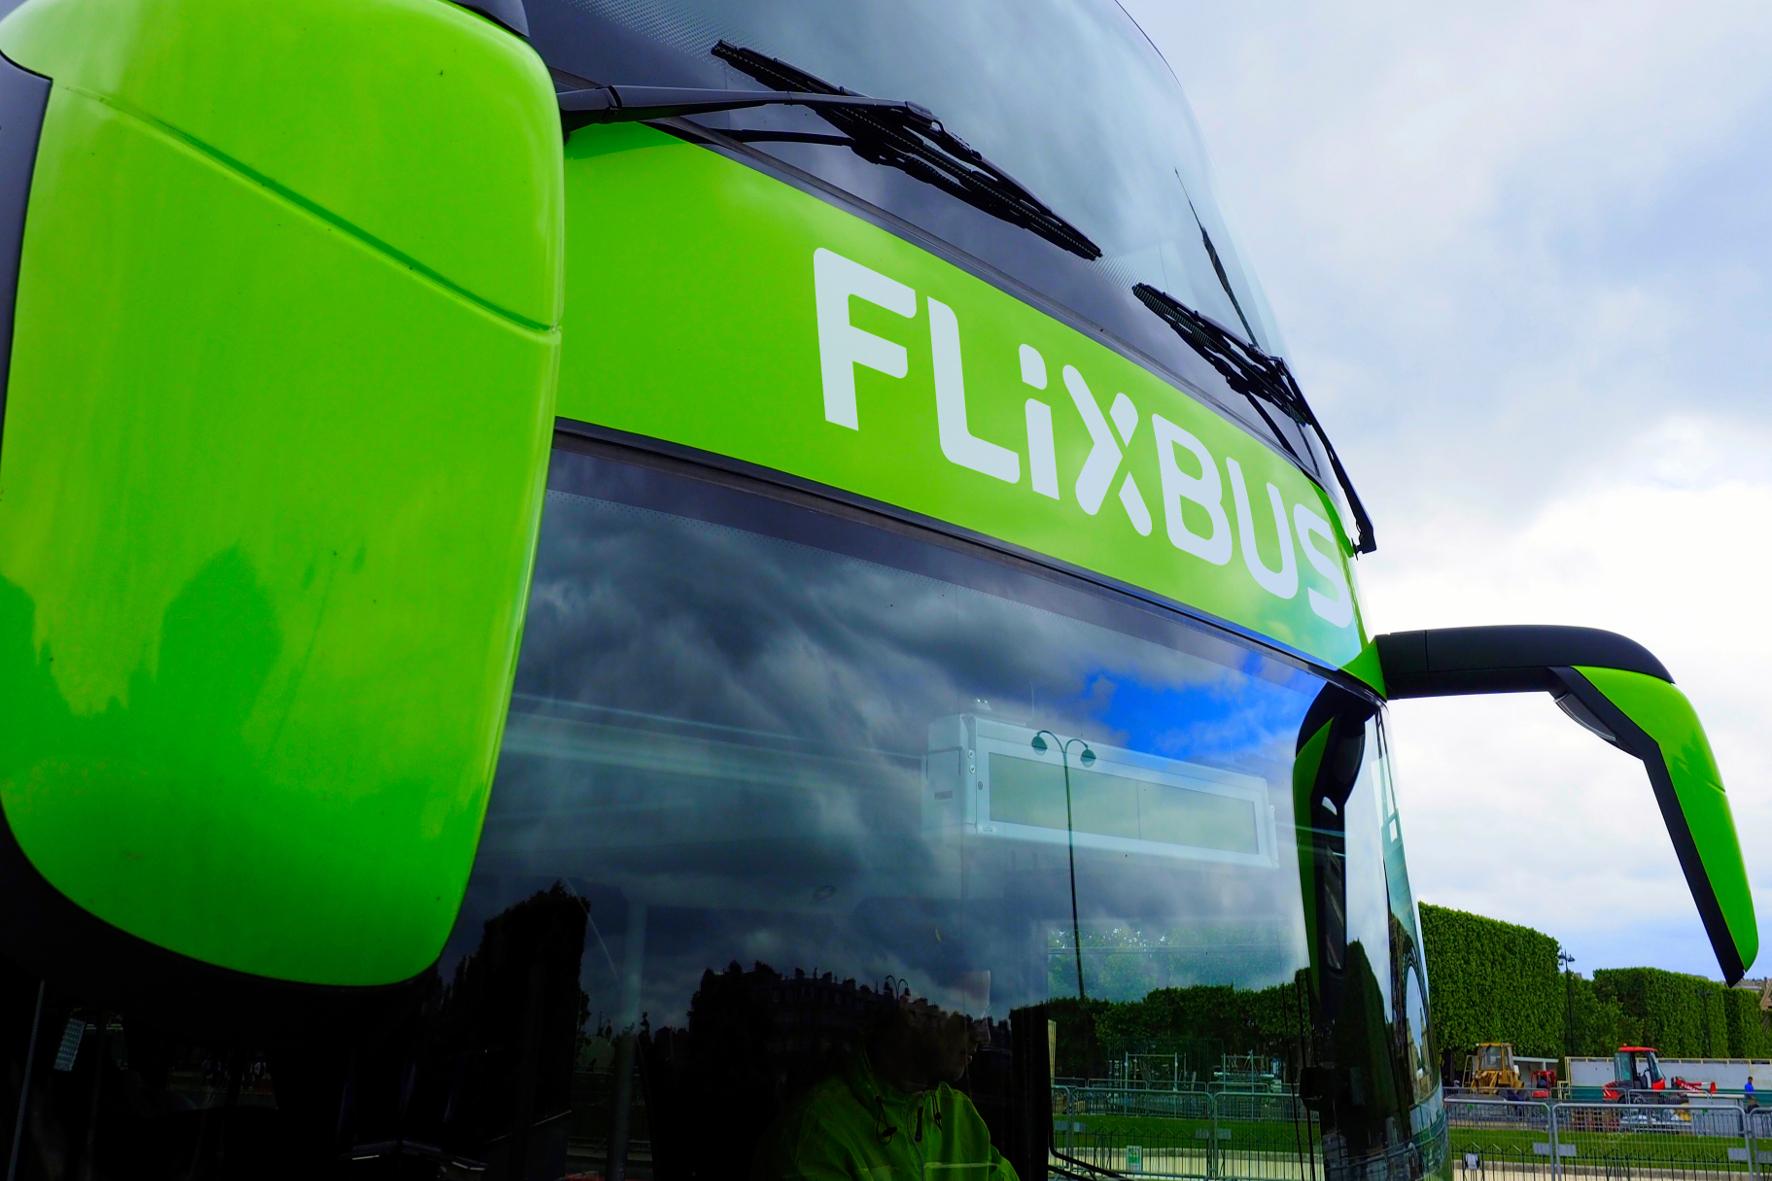 FlixBus steht für grüne Mobilität, nicht nur beim Design der Fernbusse. Das Unternehmen setzt ab April E-Busse ein.